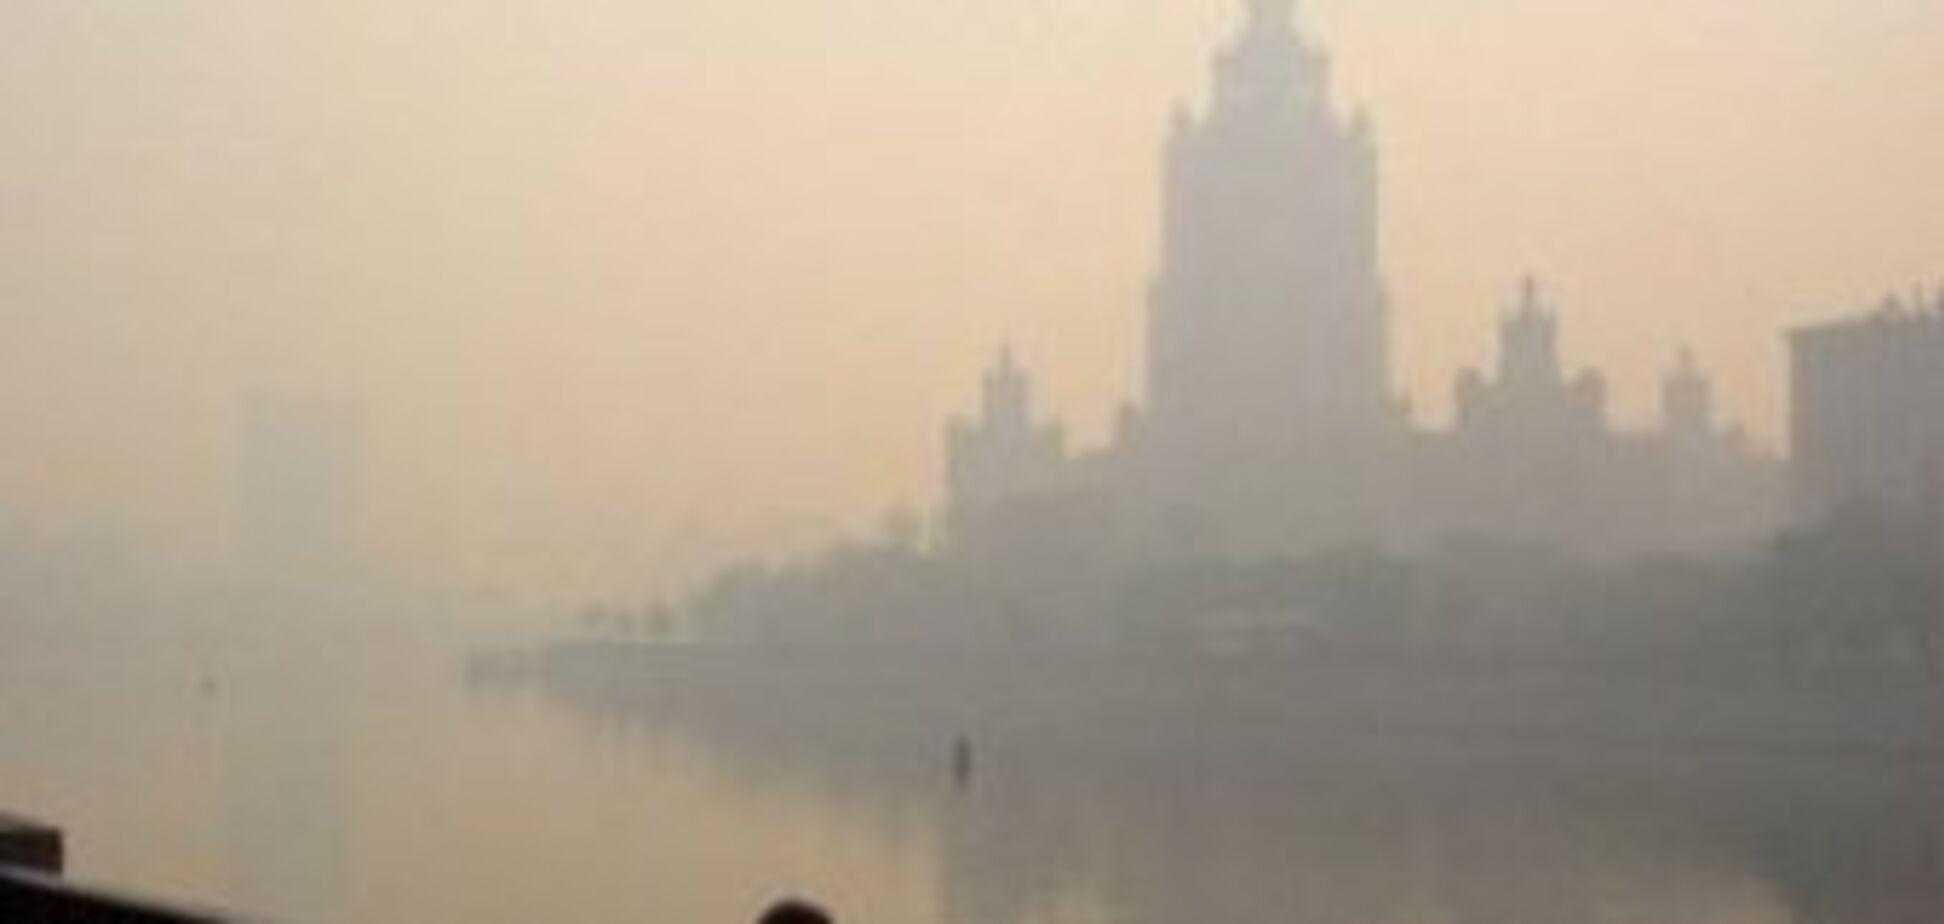 Оповиту смогом Москву очікує найспекотніший день в історії